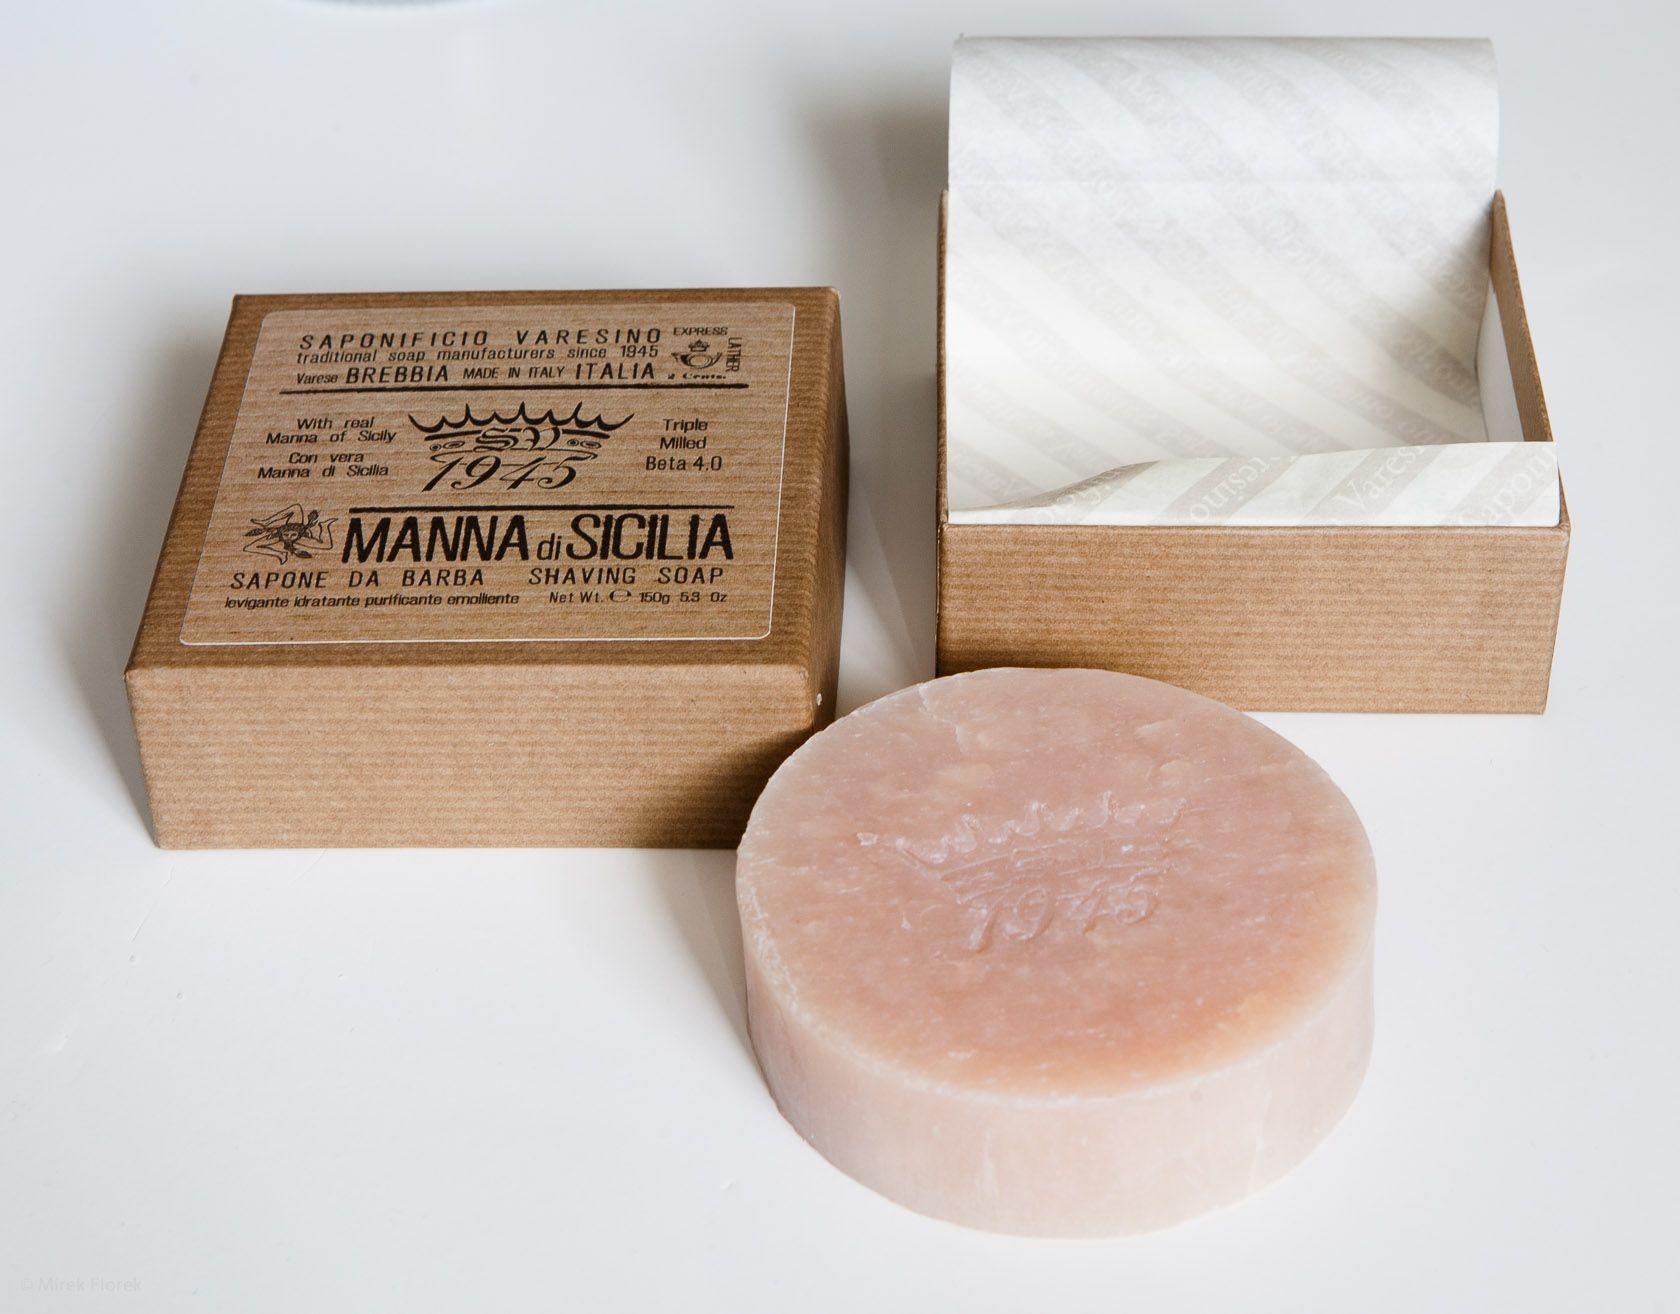 Mydło do golenia Saponificio Varesino Manna di Sicilia